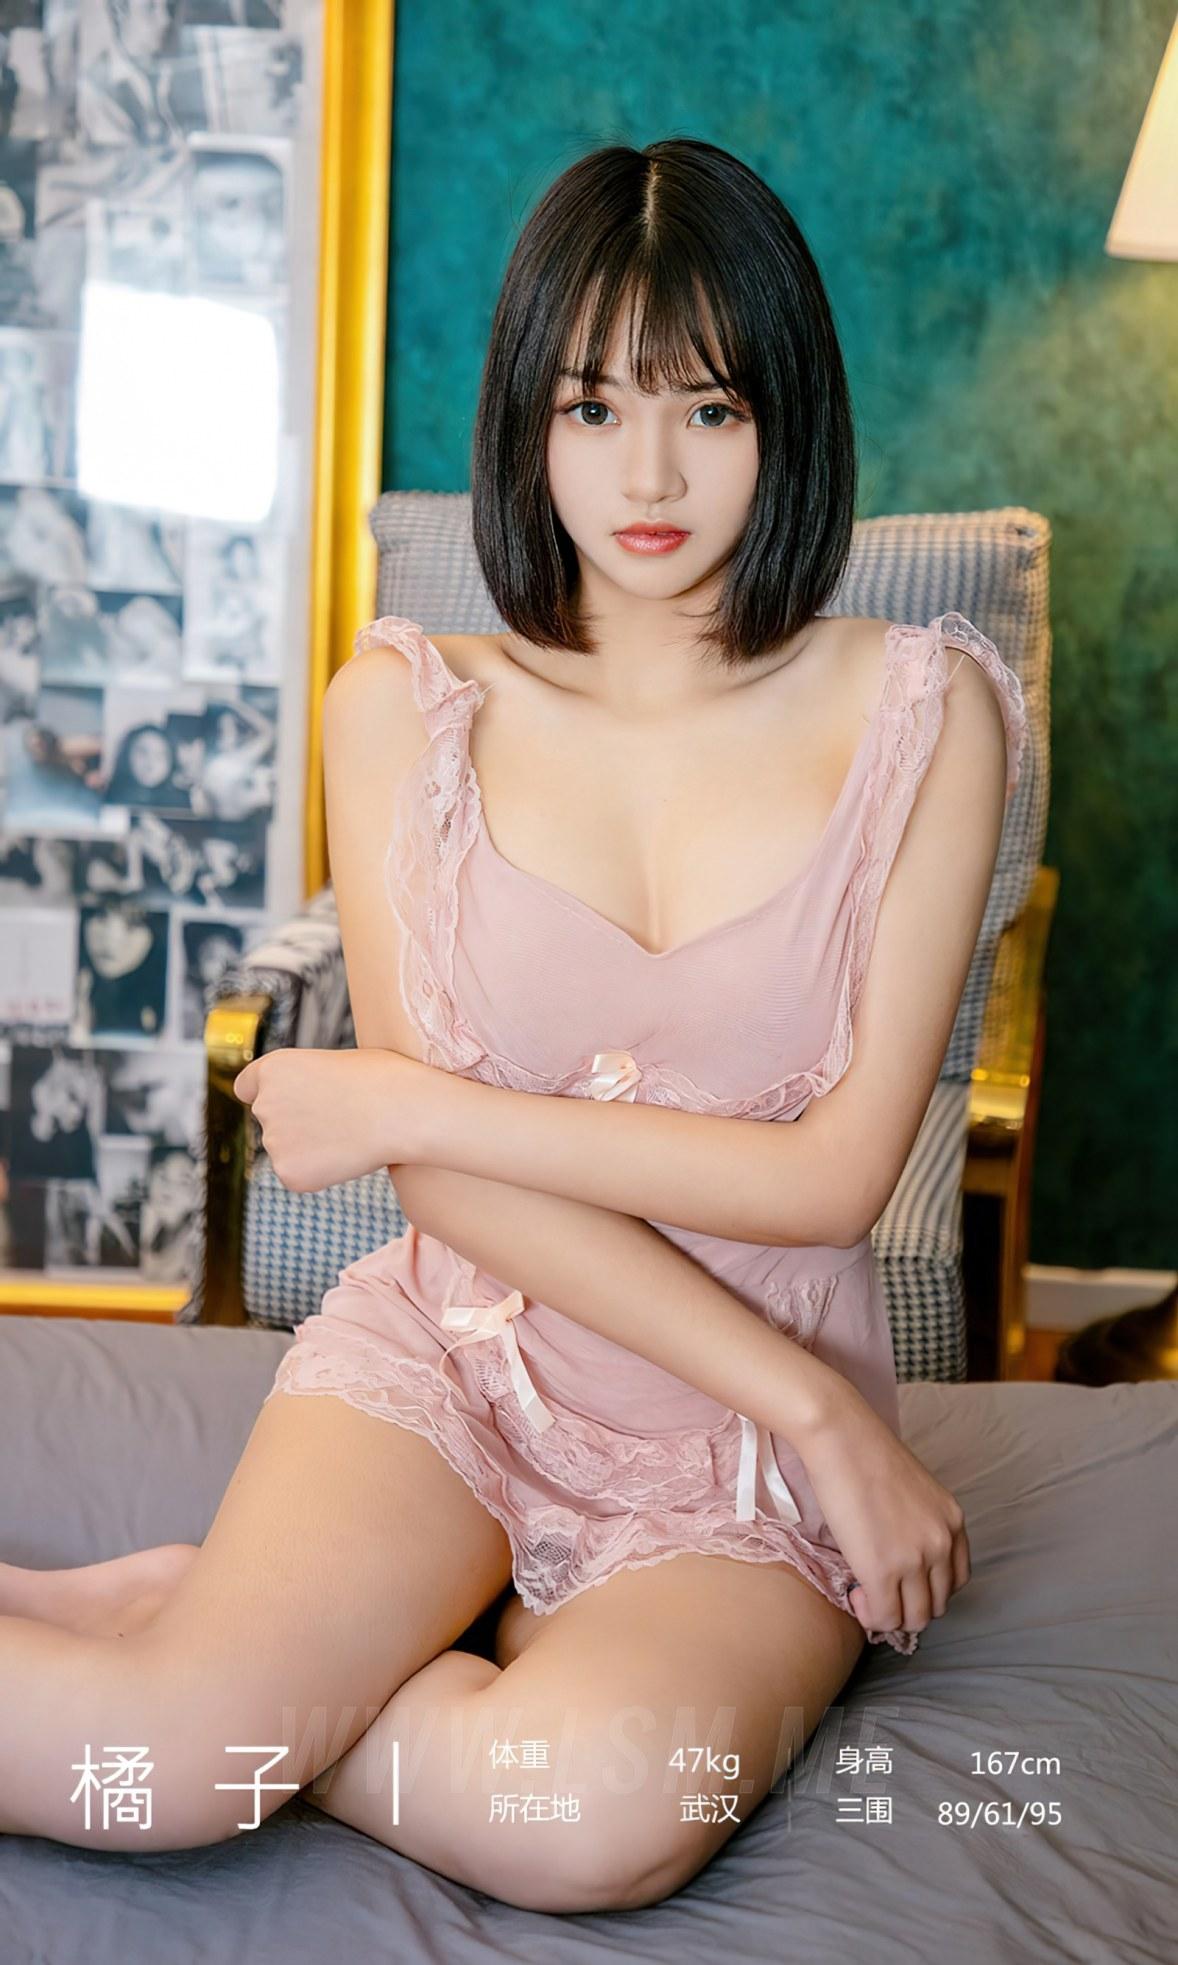 UGirls 爱尤物 No.2183  橘子 纯欲风少女 - 3